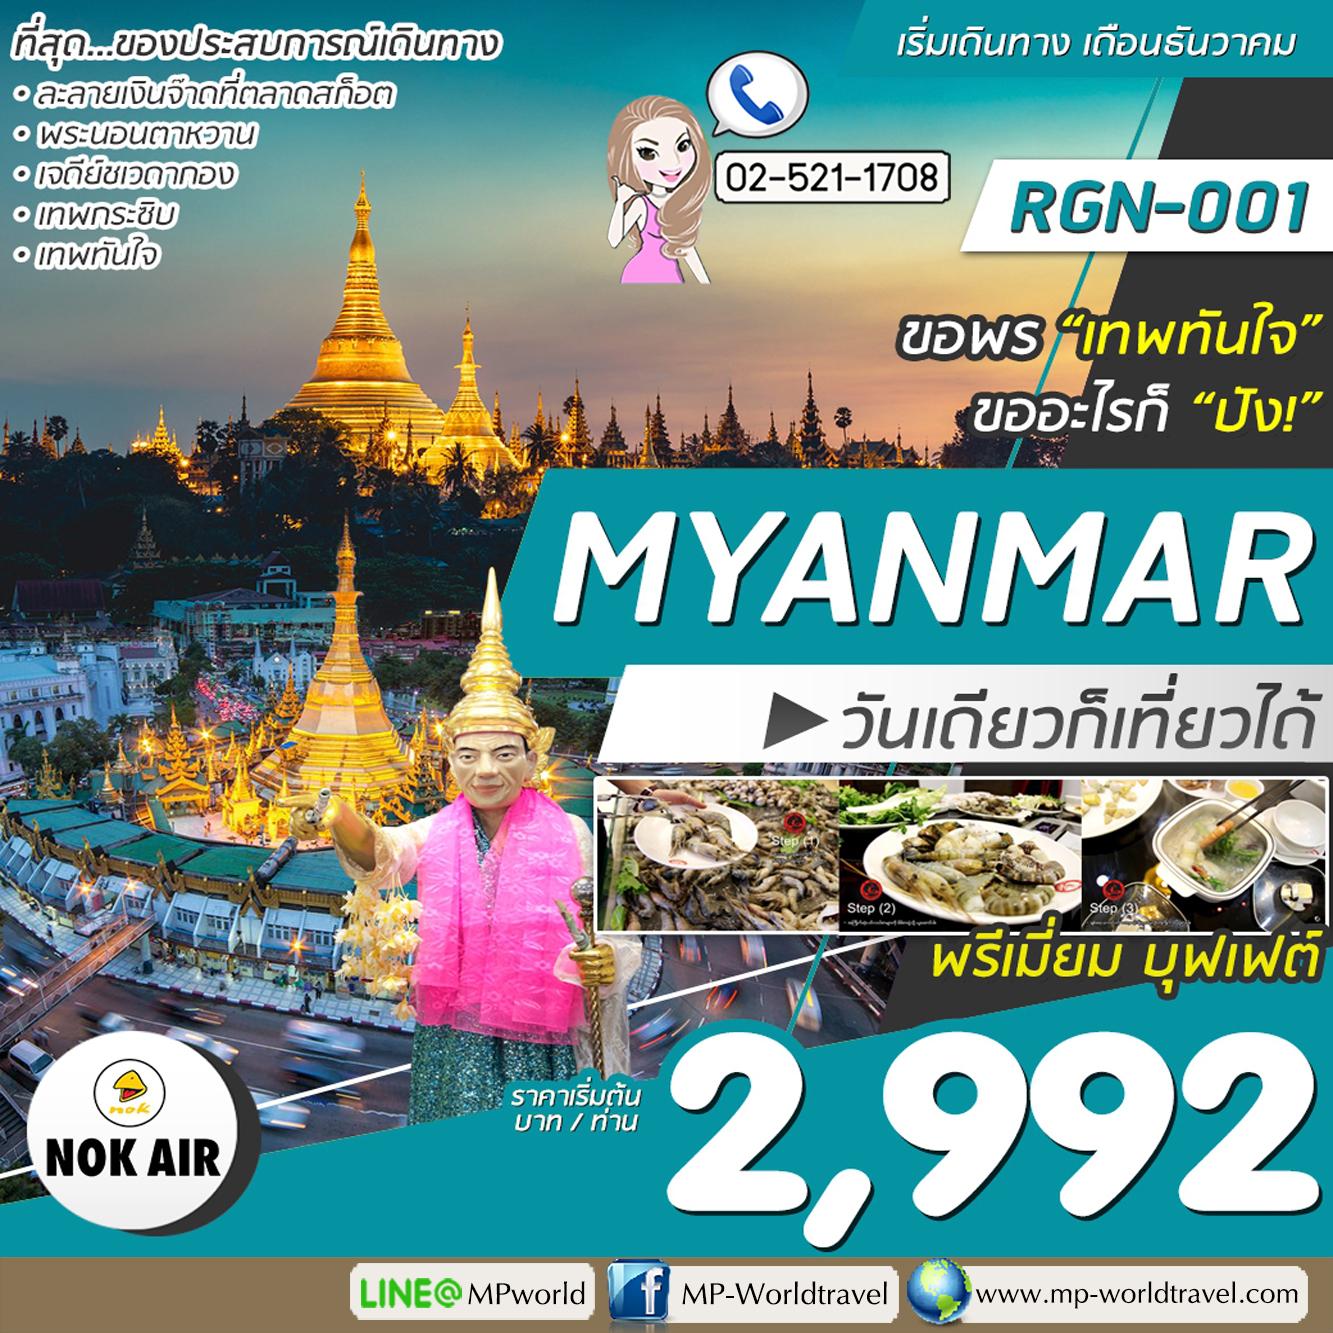 ทัวร์พม่า_RGN-001  ไหว้พระ พม่า ย่างกุ้ง 1 วัน DD